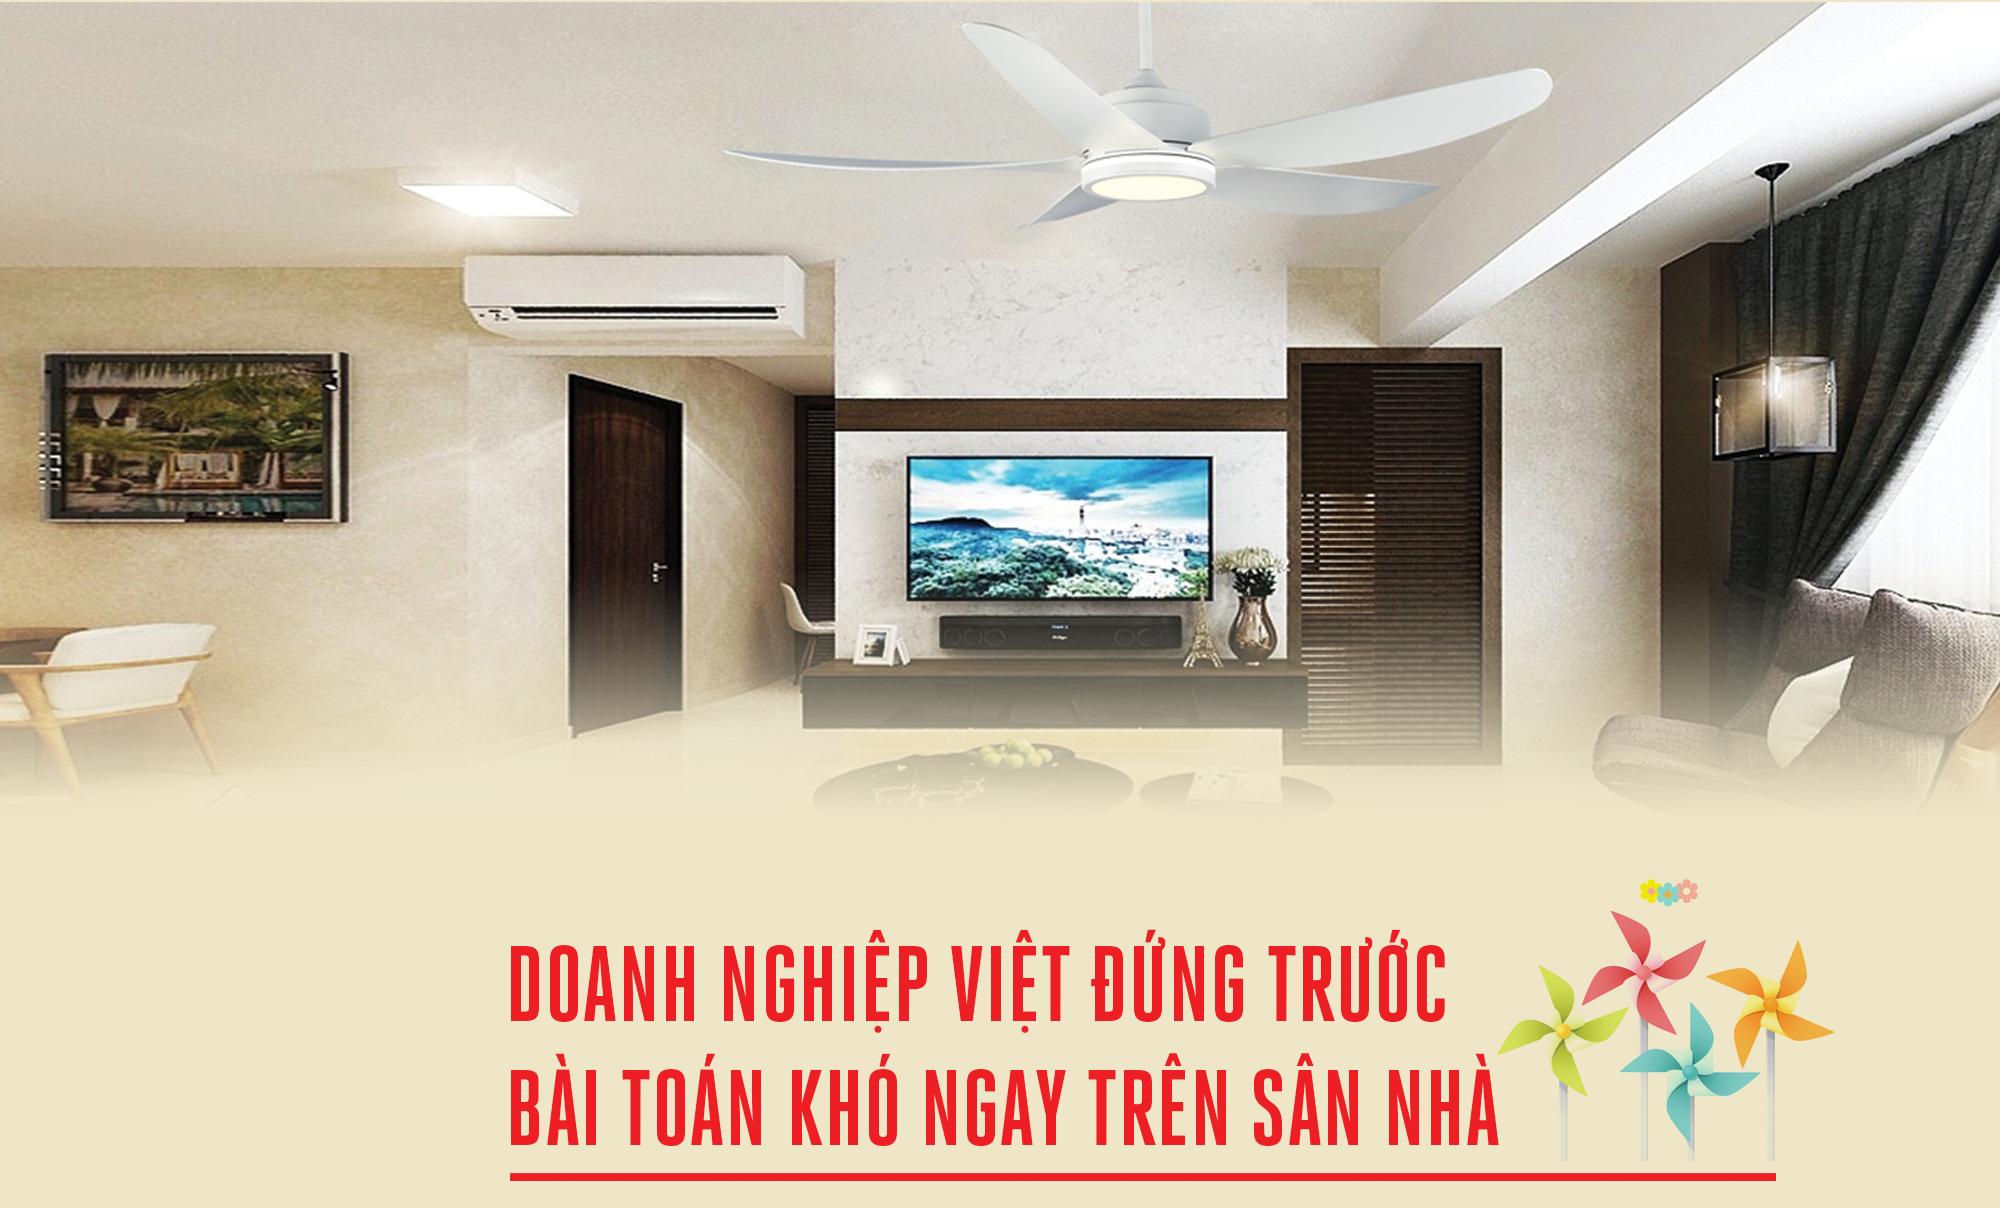 Benny Electronics và hành trình chiếm lĩnh trái tim người tiêu dùng Việt - Ảnh 1.